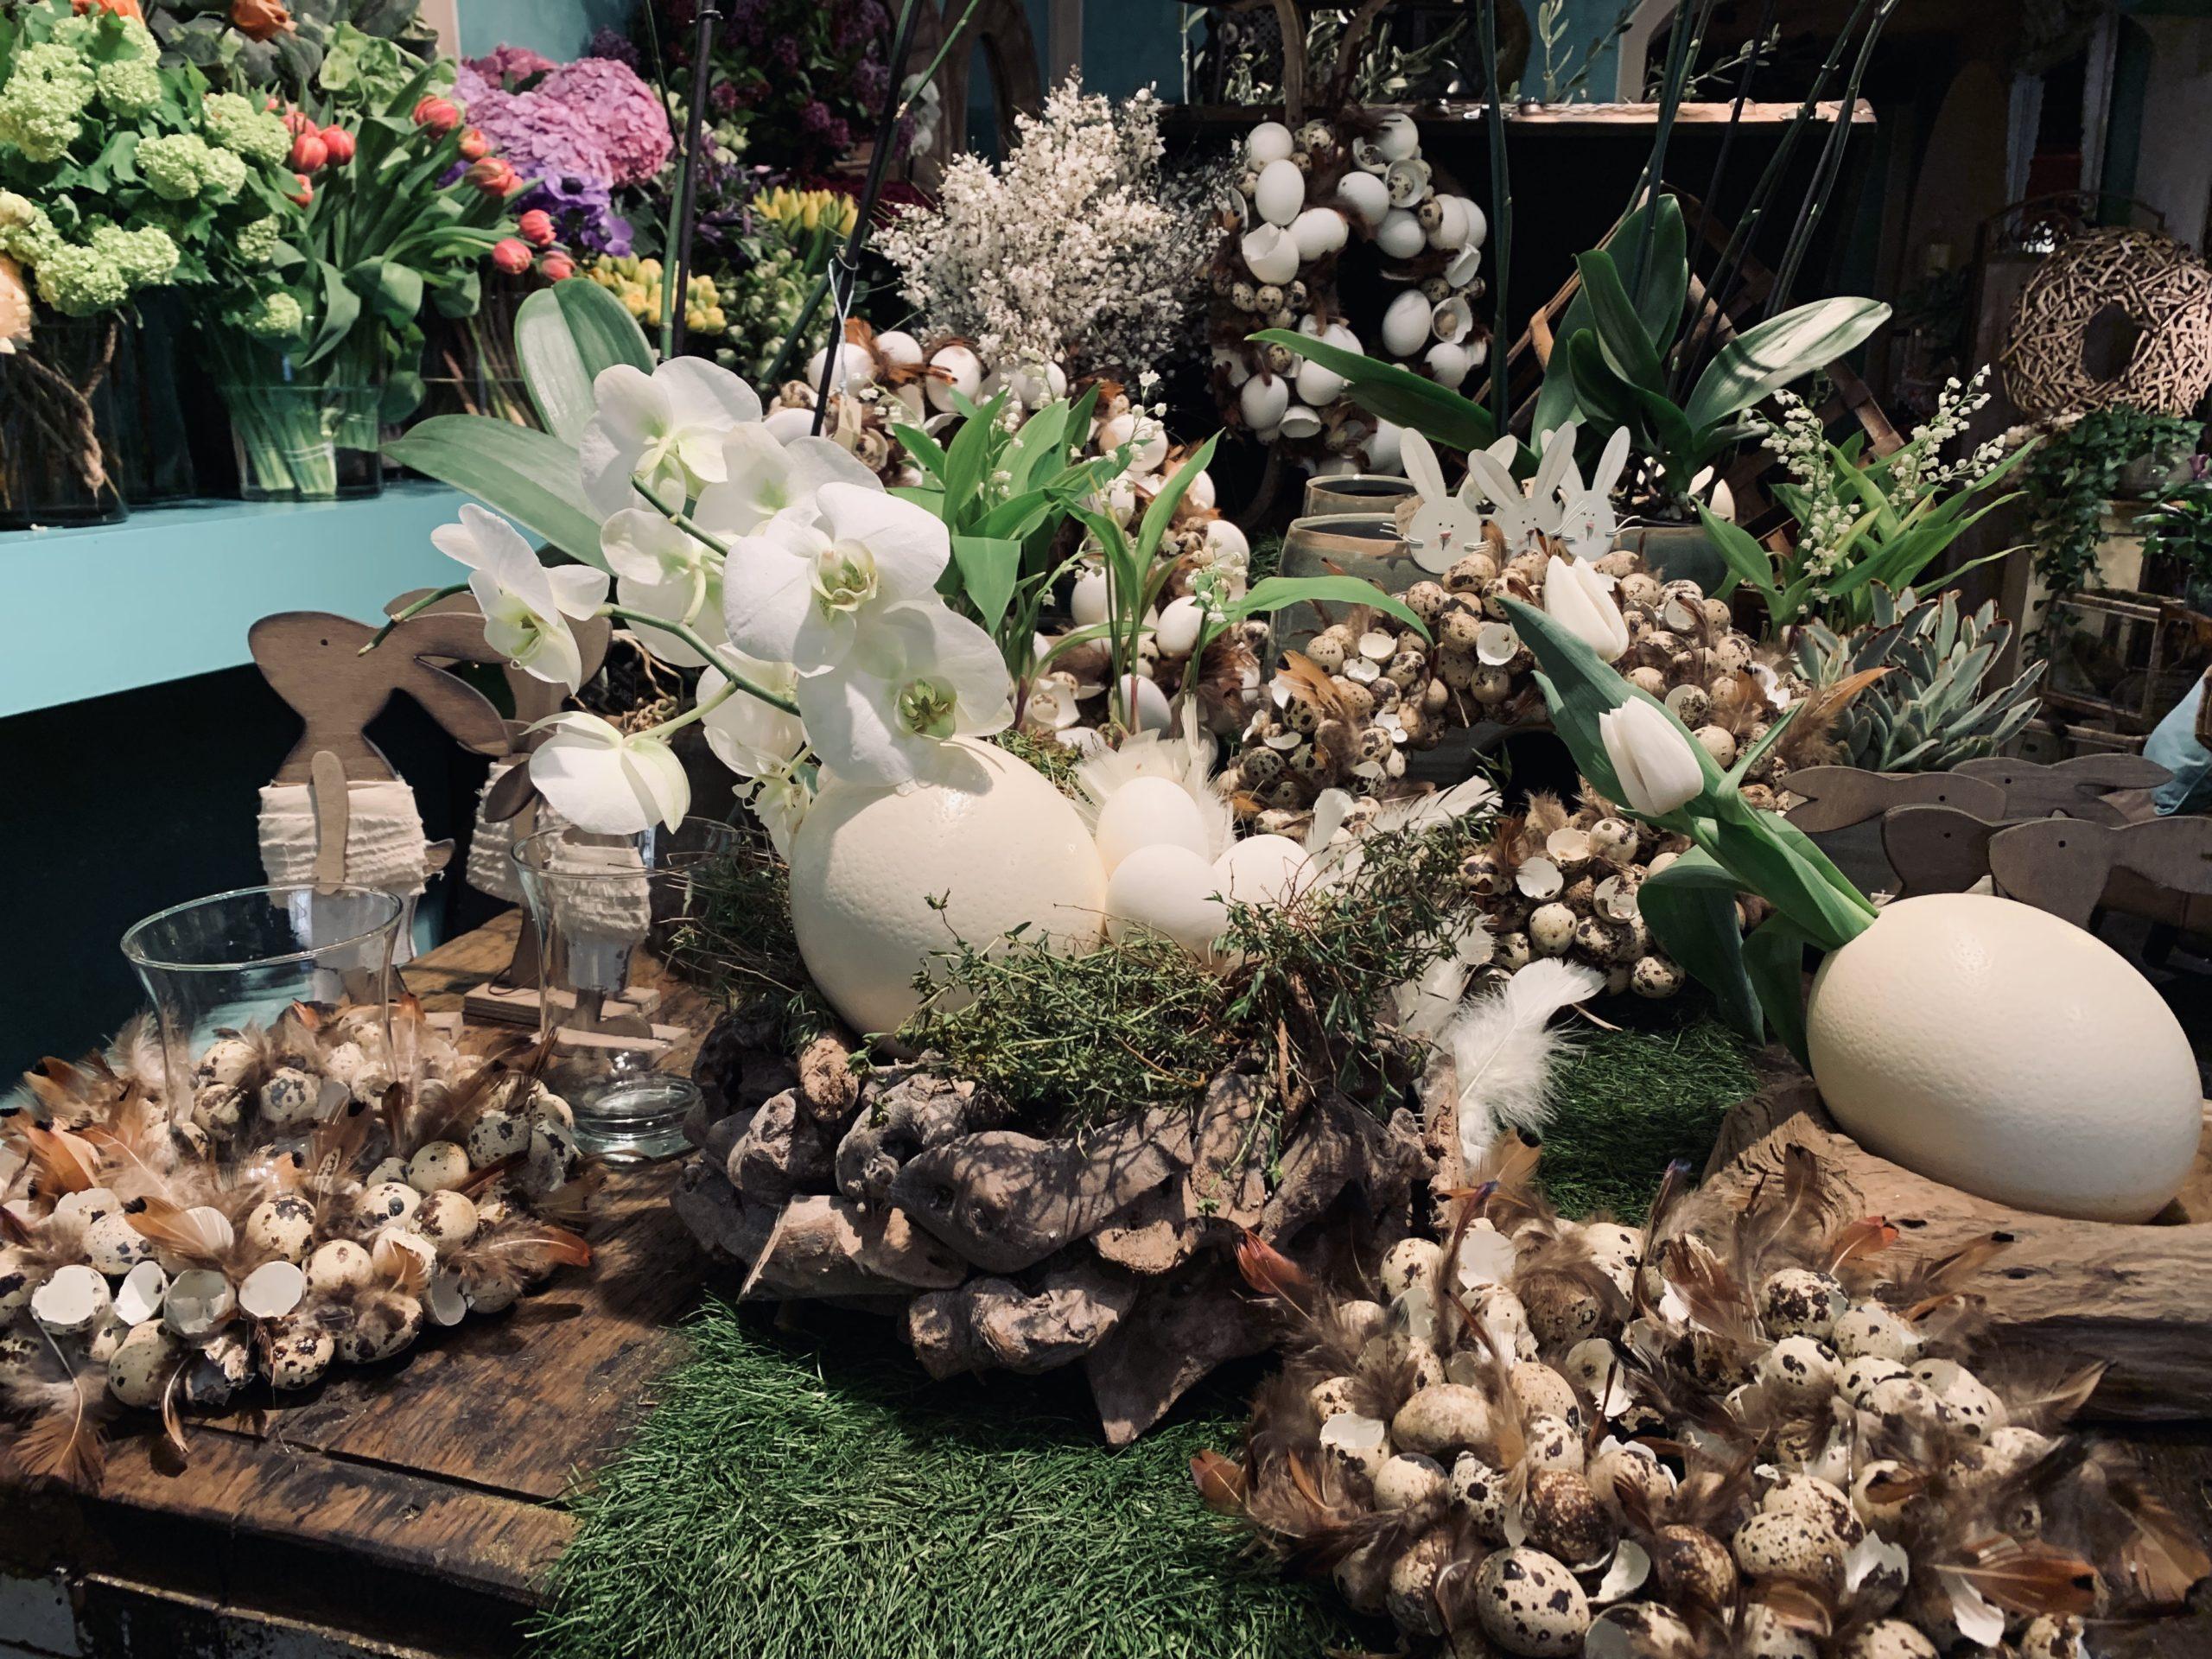 Belle décoration de jardin pour Pâques